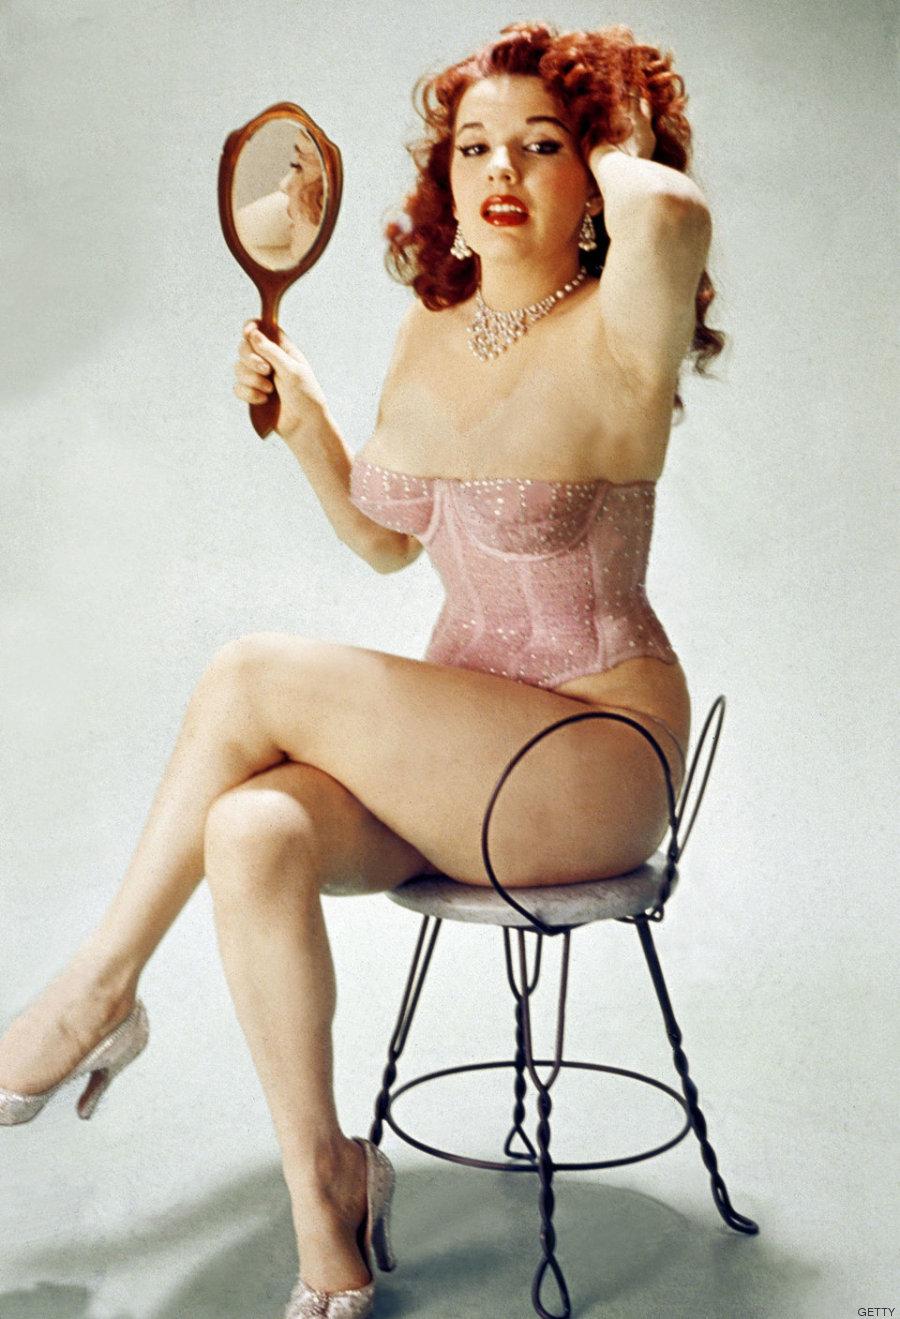 prostitutas famosas de la historia video prostitutas de lujo